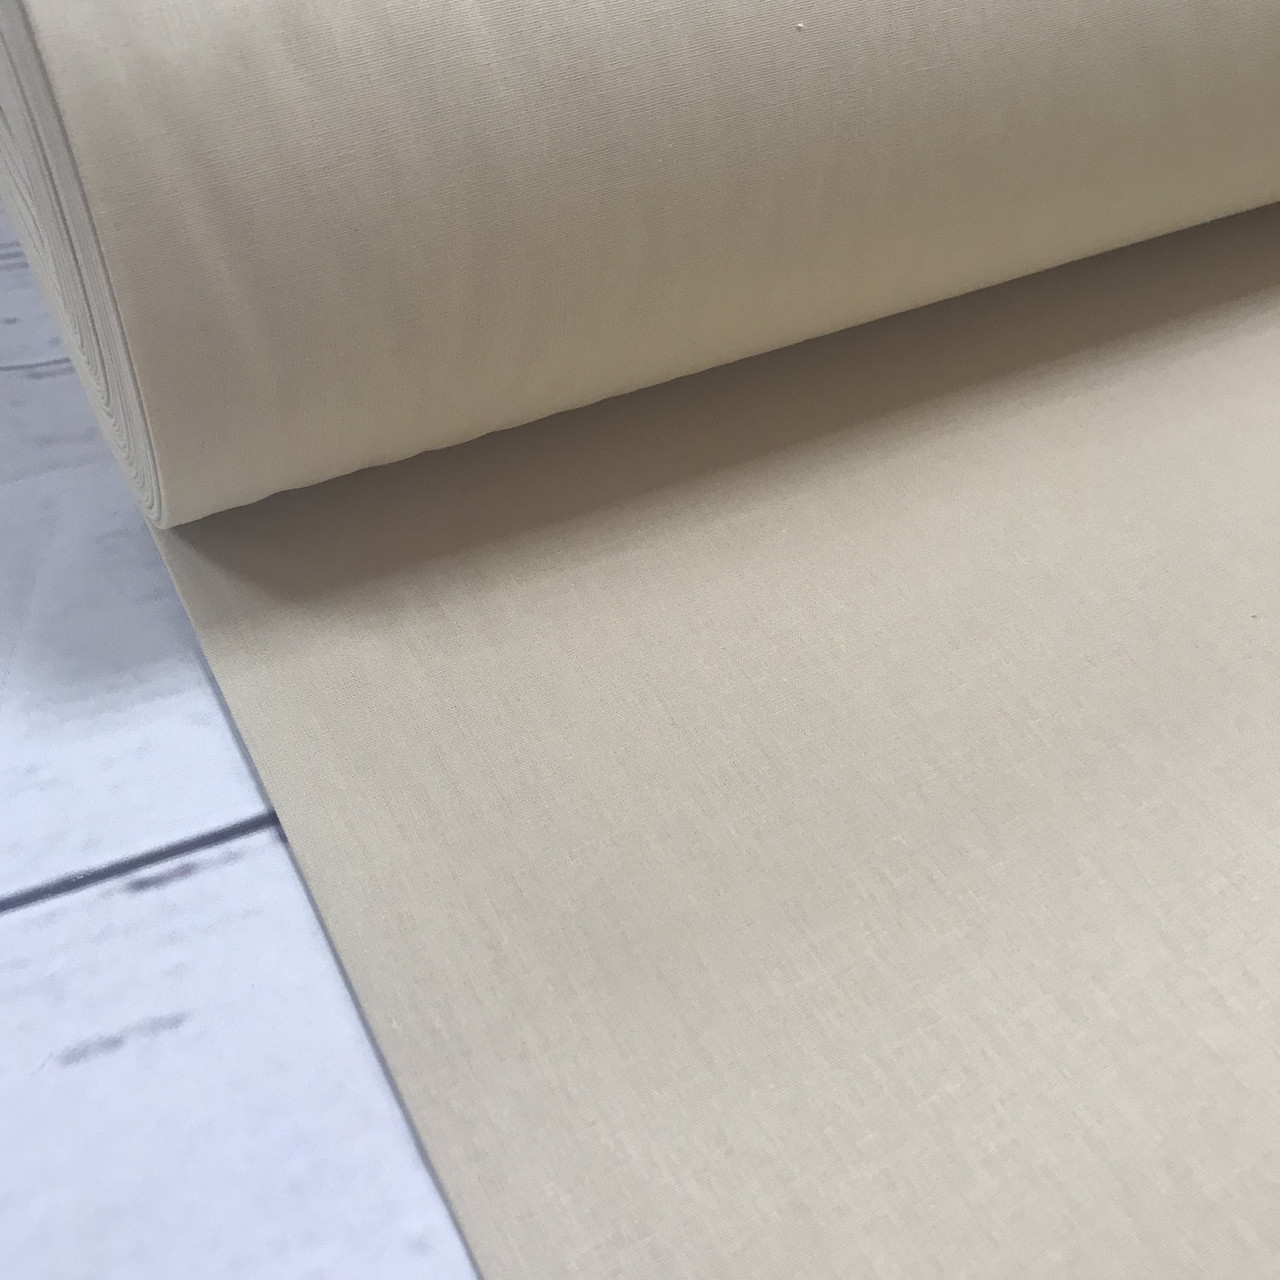 Ткань поплин De Luxe, однотонный песочно-бежевый (Турция шир. 2,4 м) №32-12b ОТРЕЗ( 0,9*2,4)